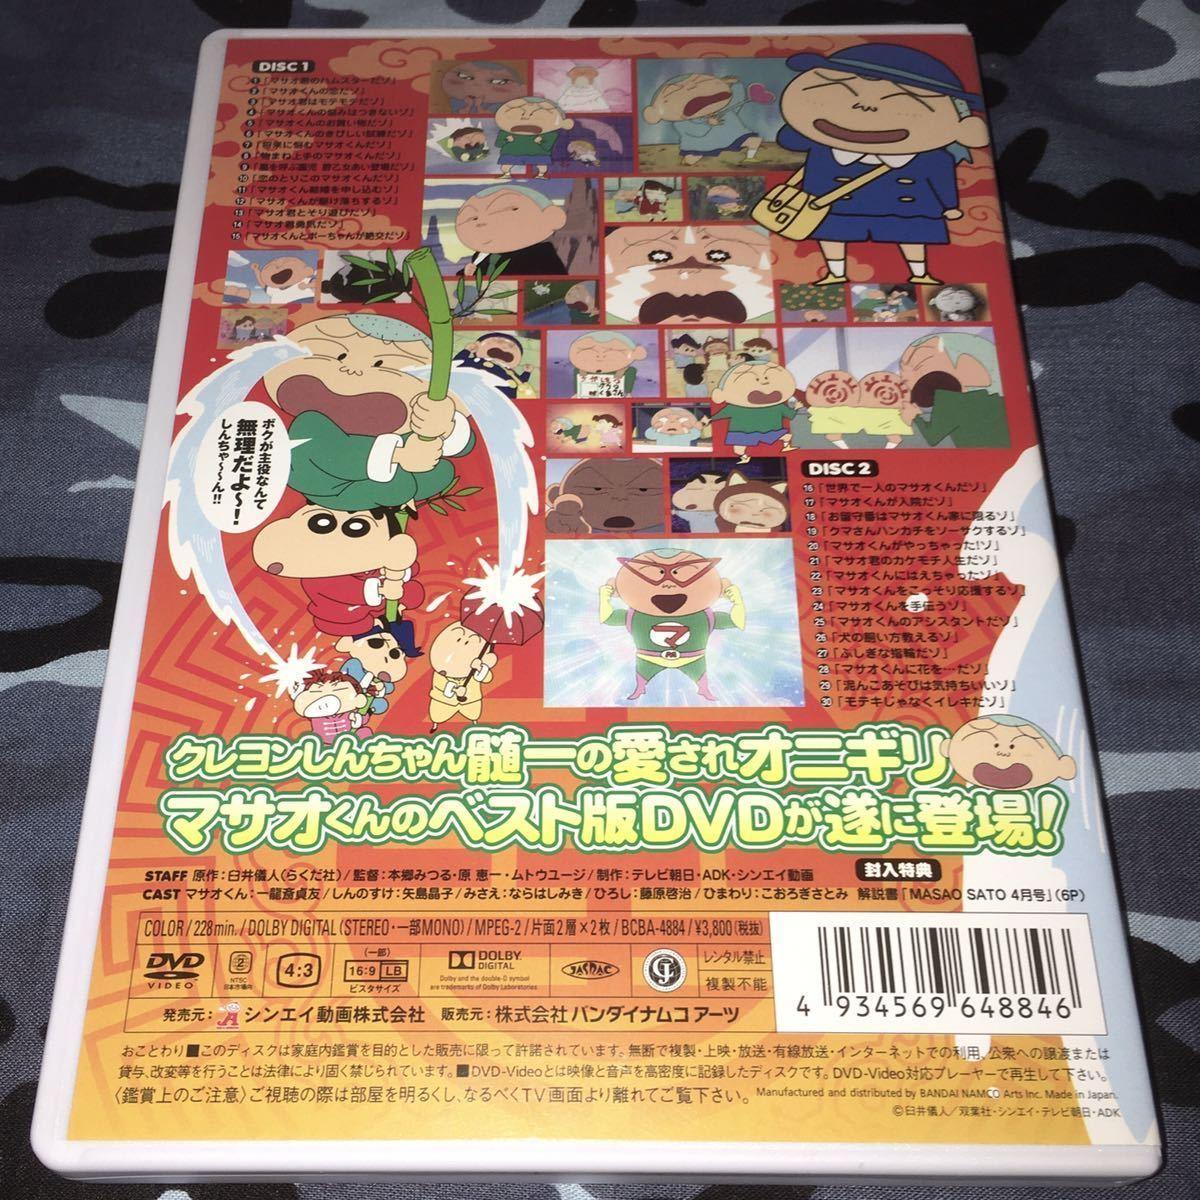 クレヨンしんちゃん きっとベスト 特盛! 佐藤マサオ DVD 動作確認済み 送料無料 匿名配送